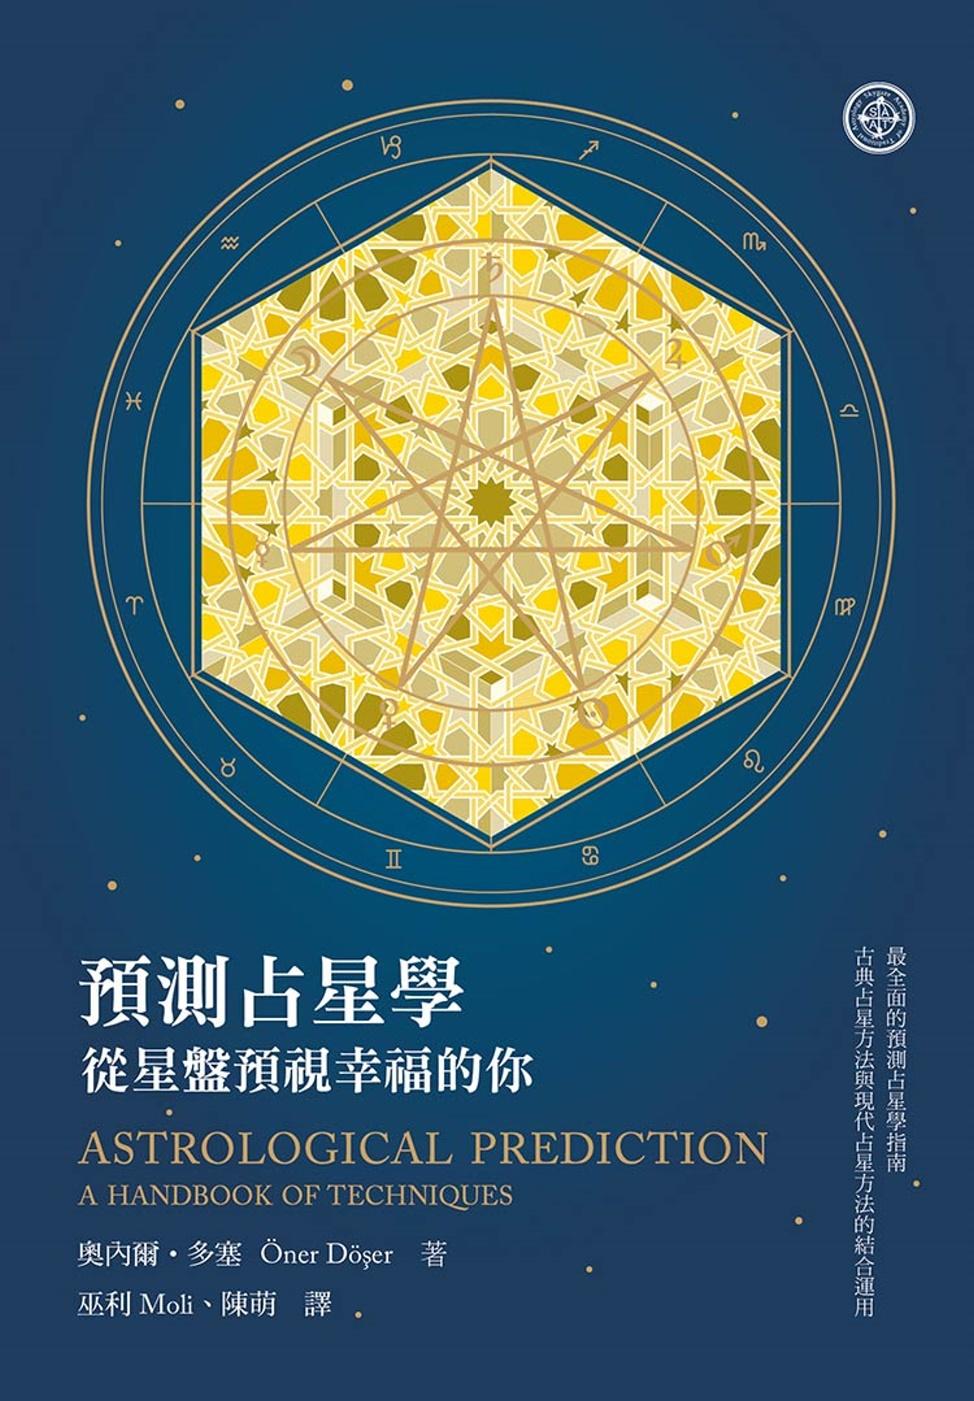 預測占星學:從星盤預視幸福的你